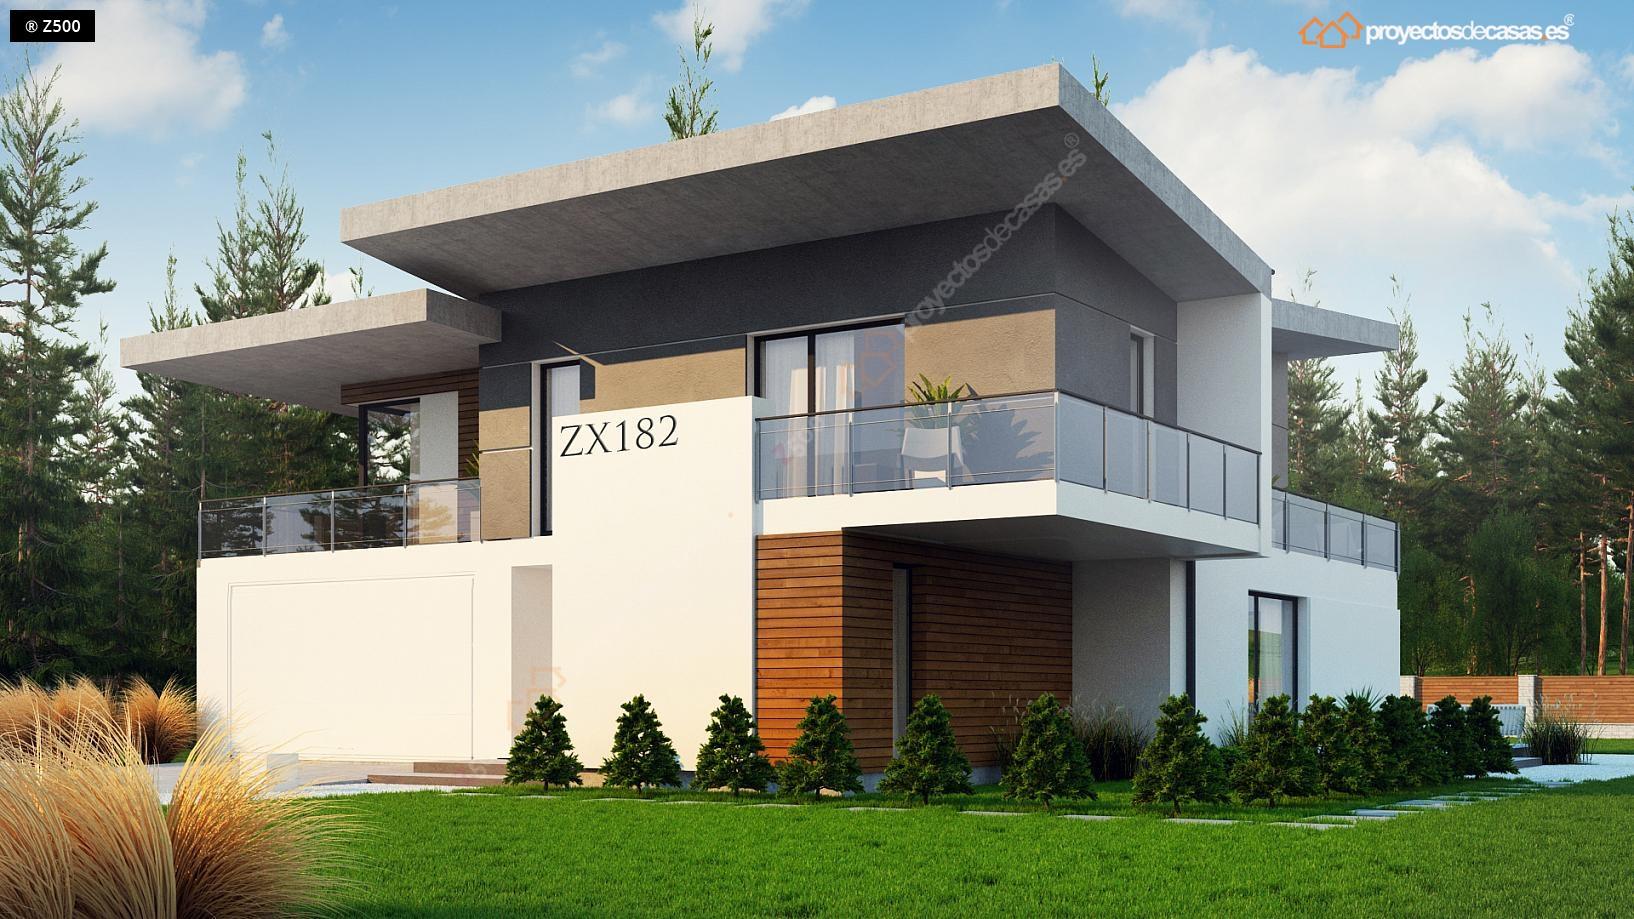 Proyectos de casas casa de lujo con piscina for Casas de lujo en madrid